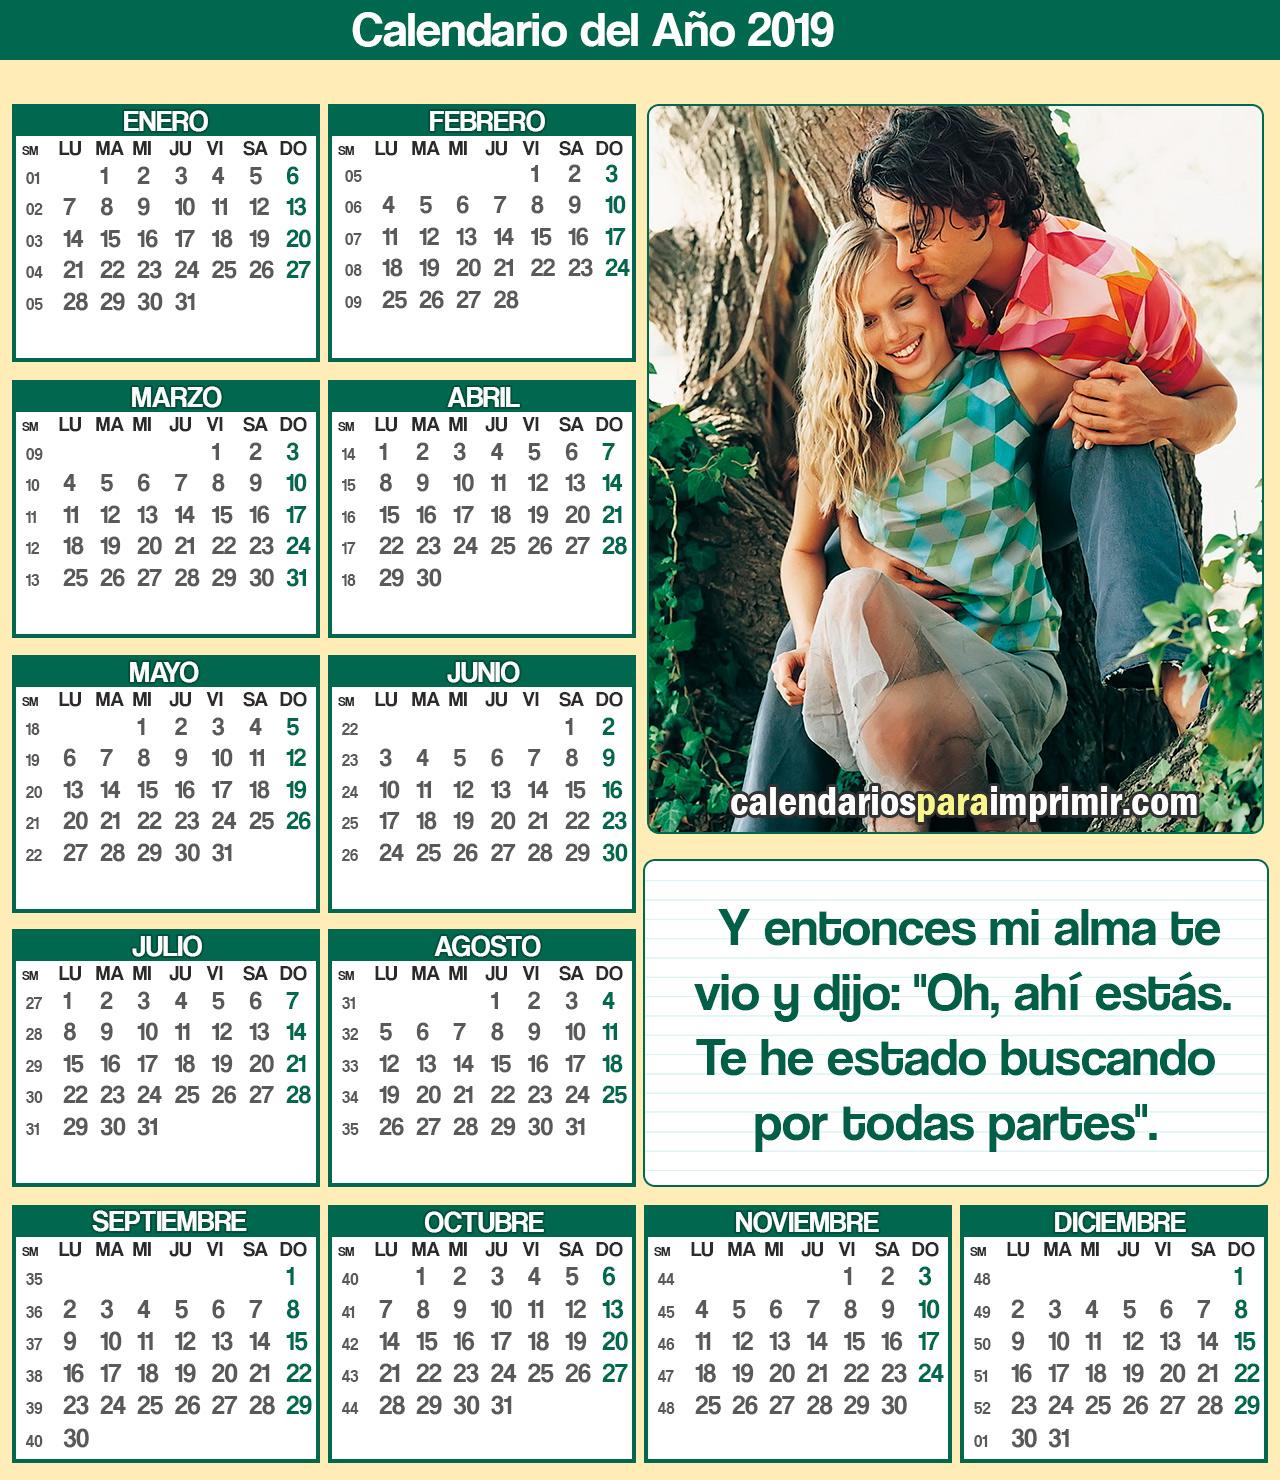 calendario 2019 romantico para imorimir